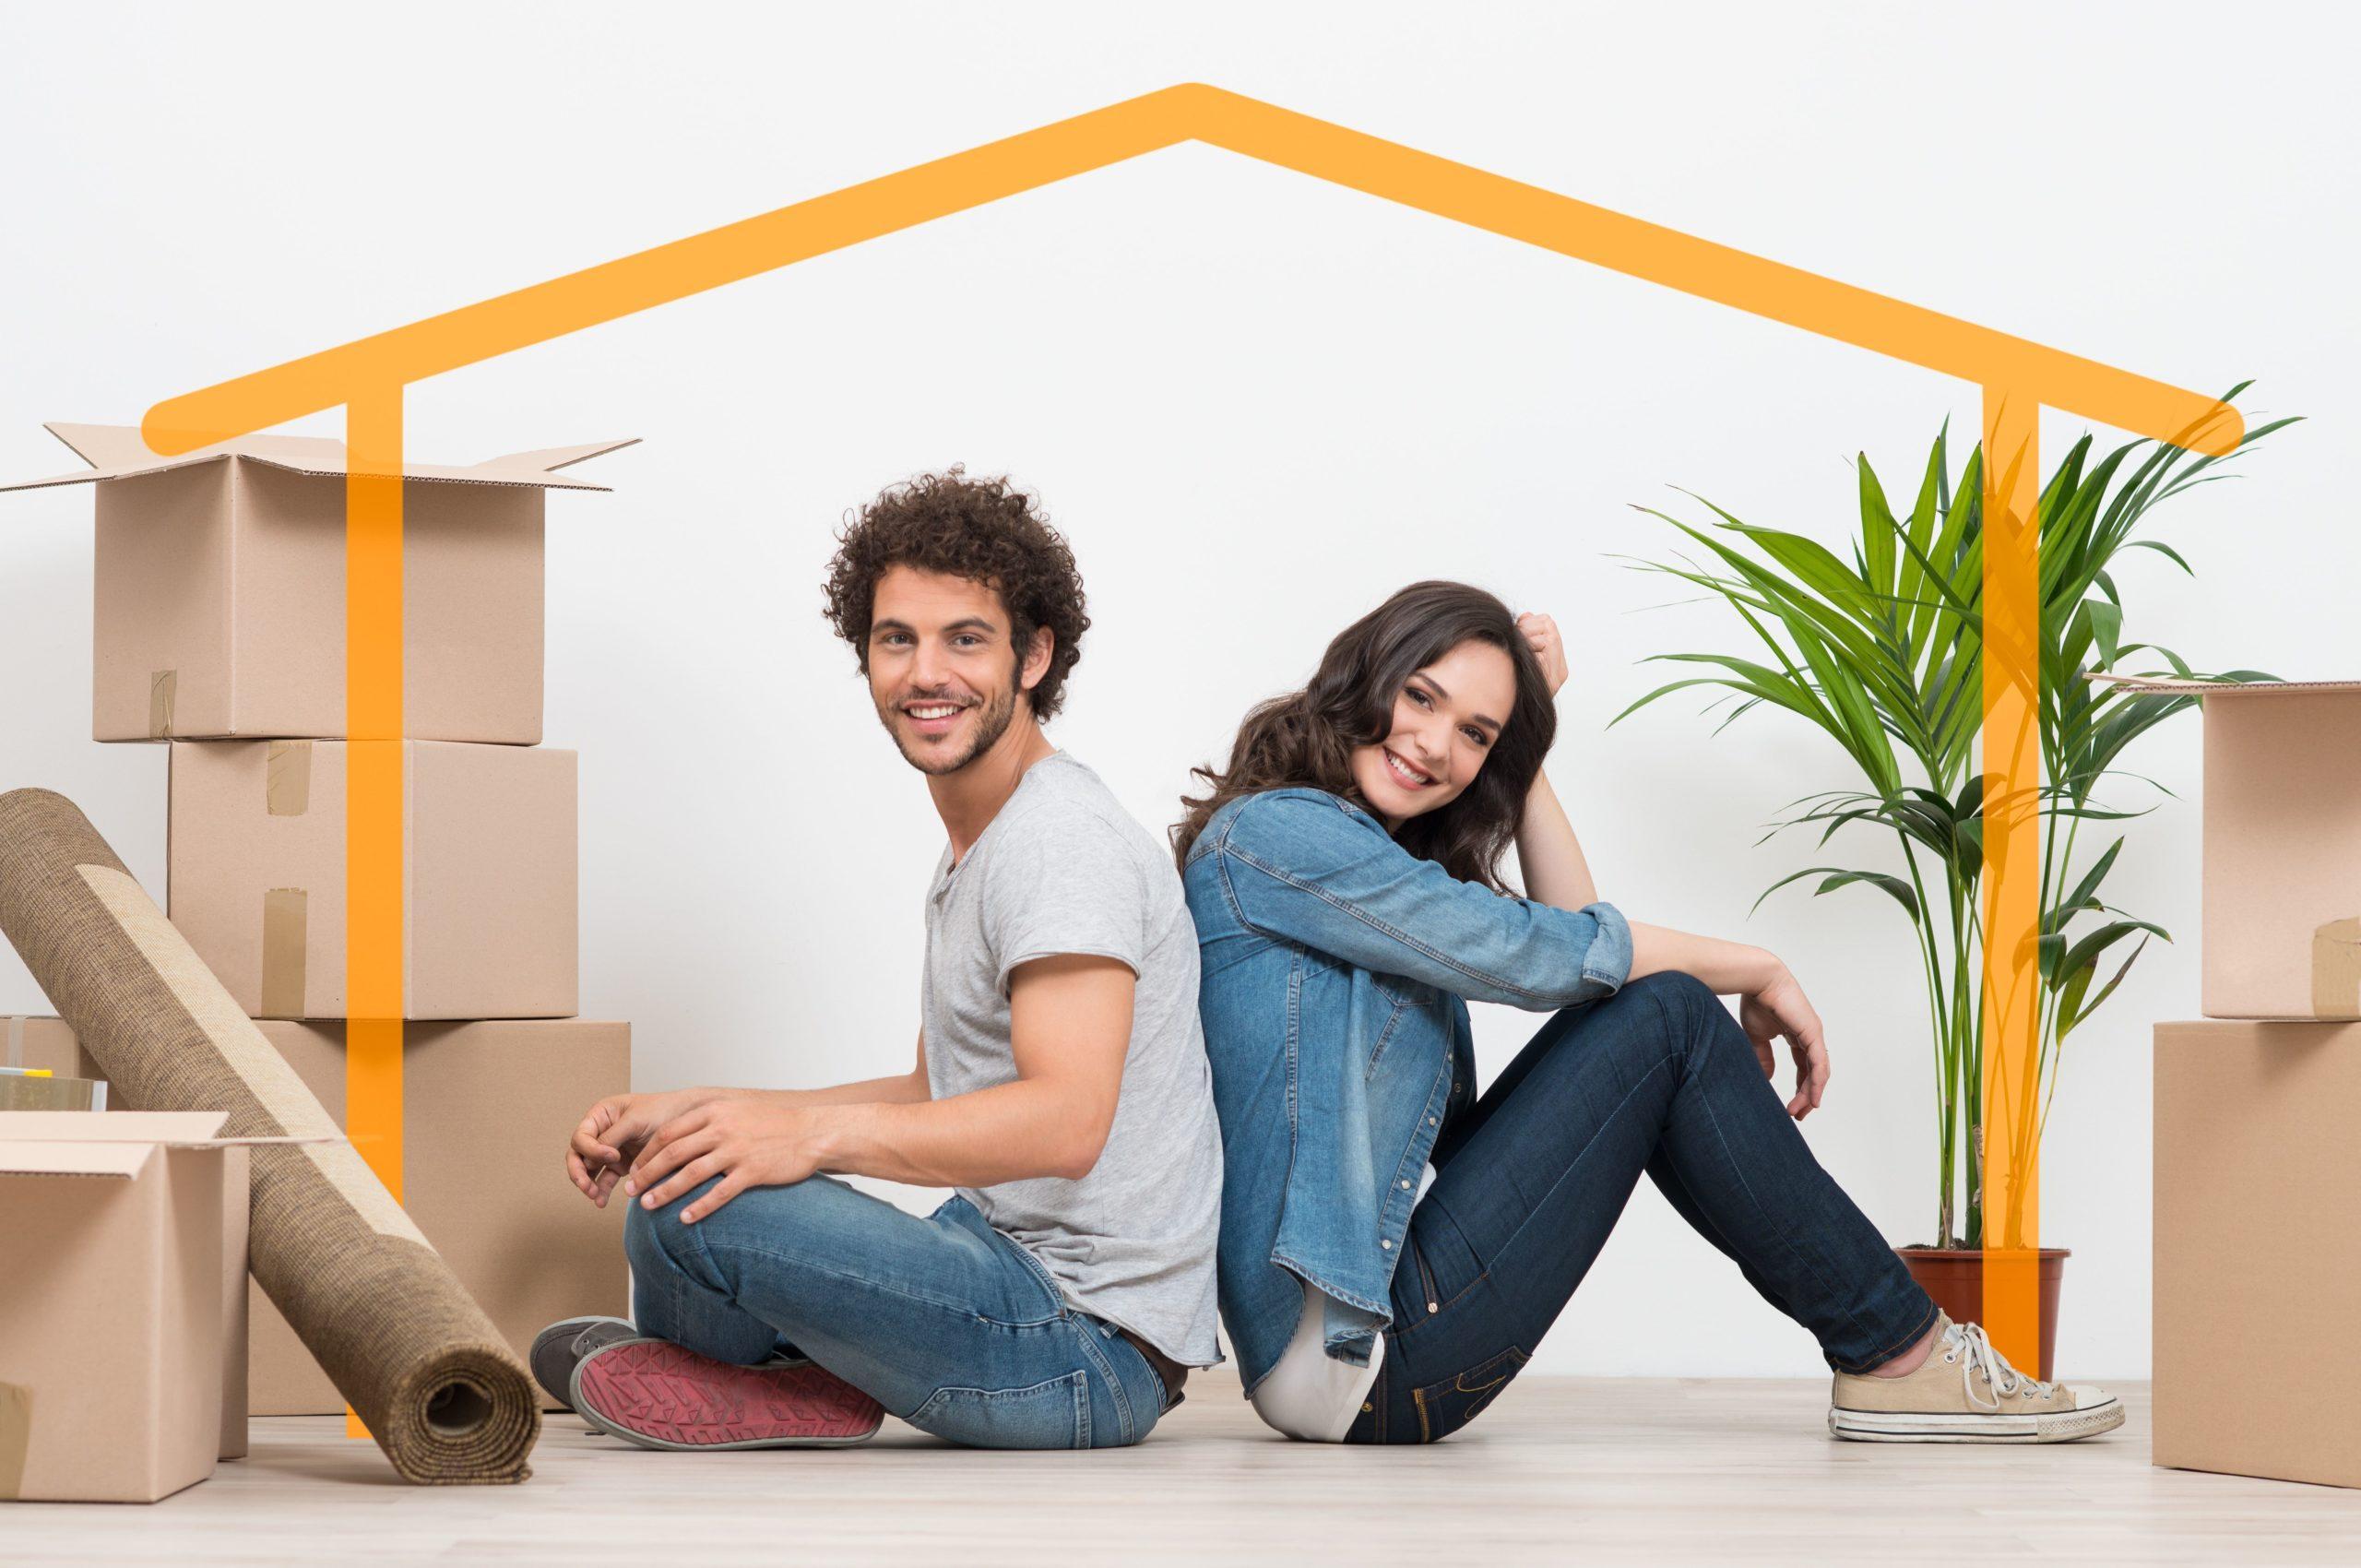 Вычет за квартиру могут получить оба супруга одновременно